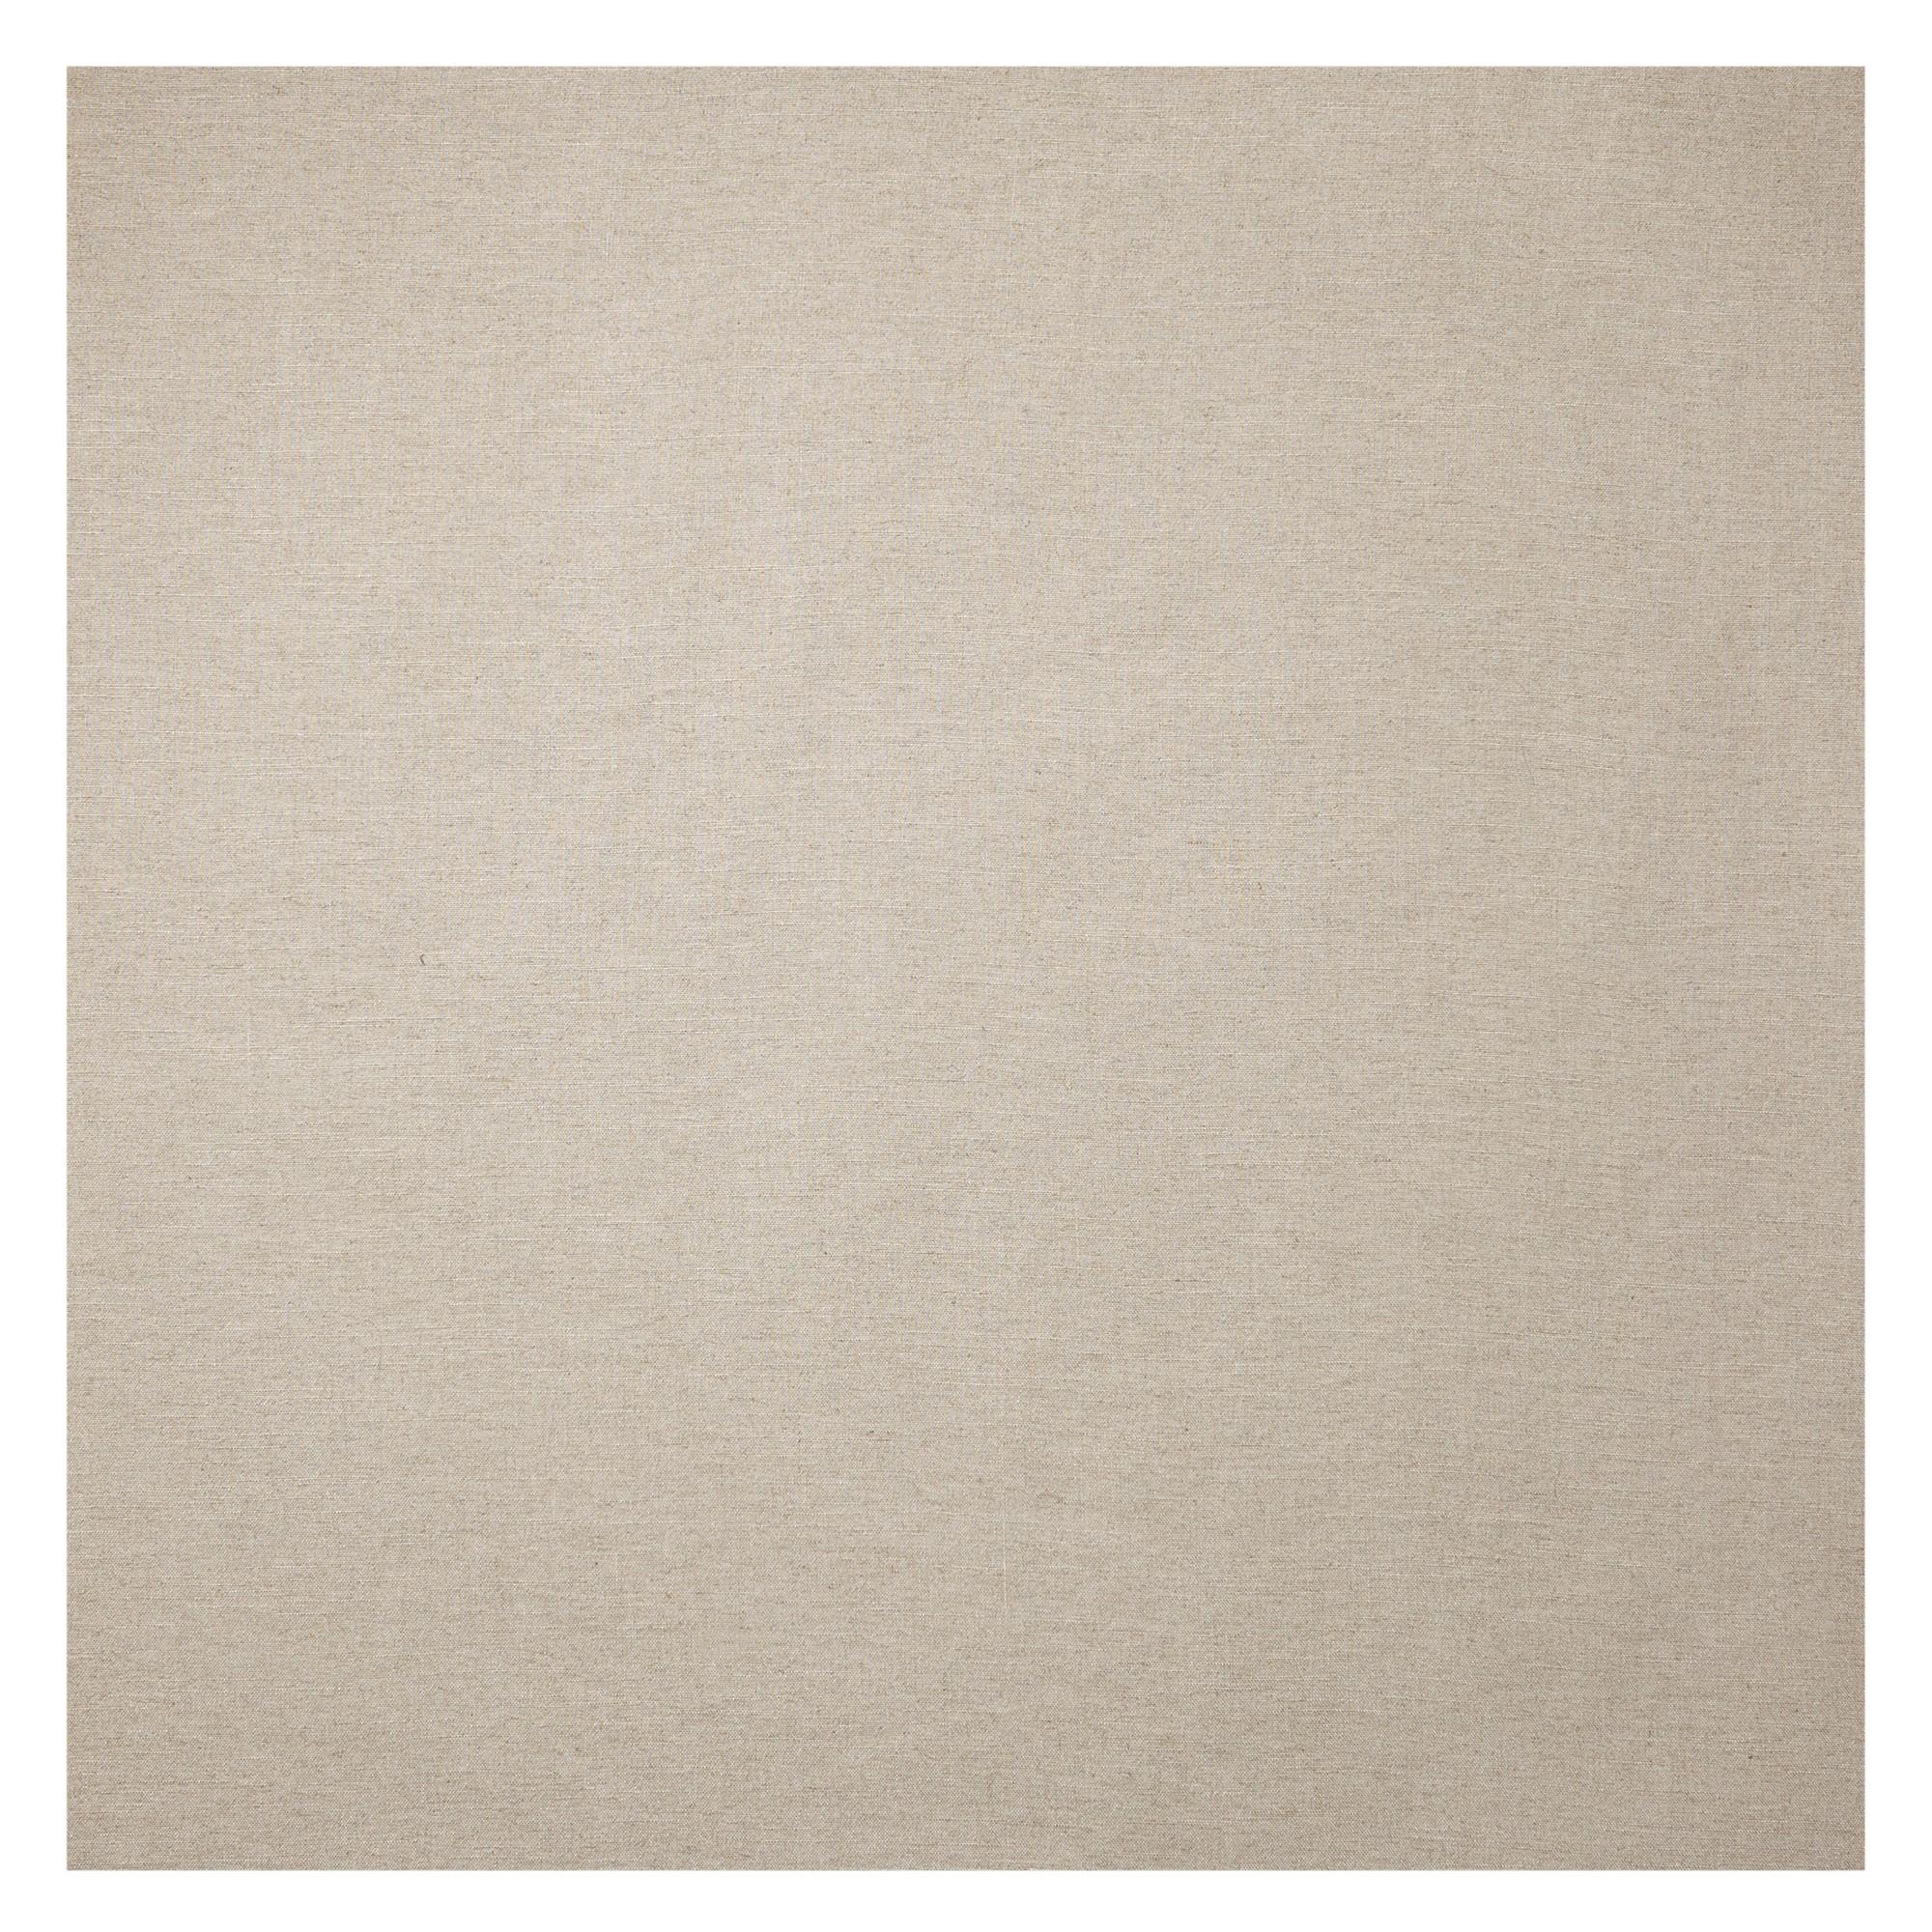 John Lewis Newlyn Semi Plain Loose Cover Fabric